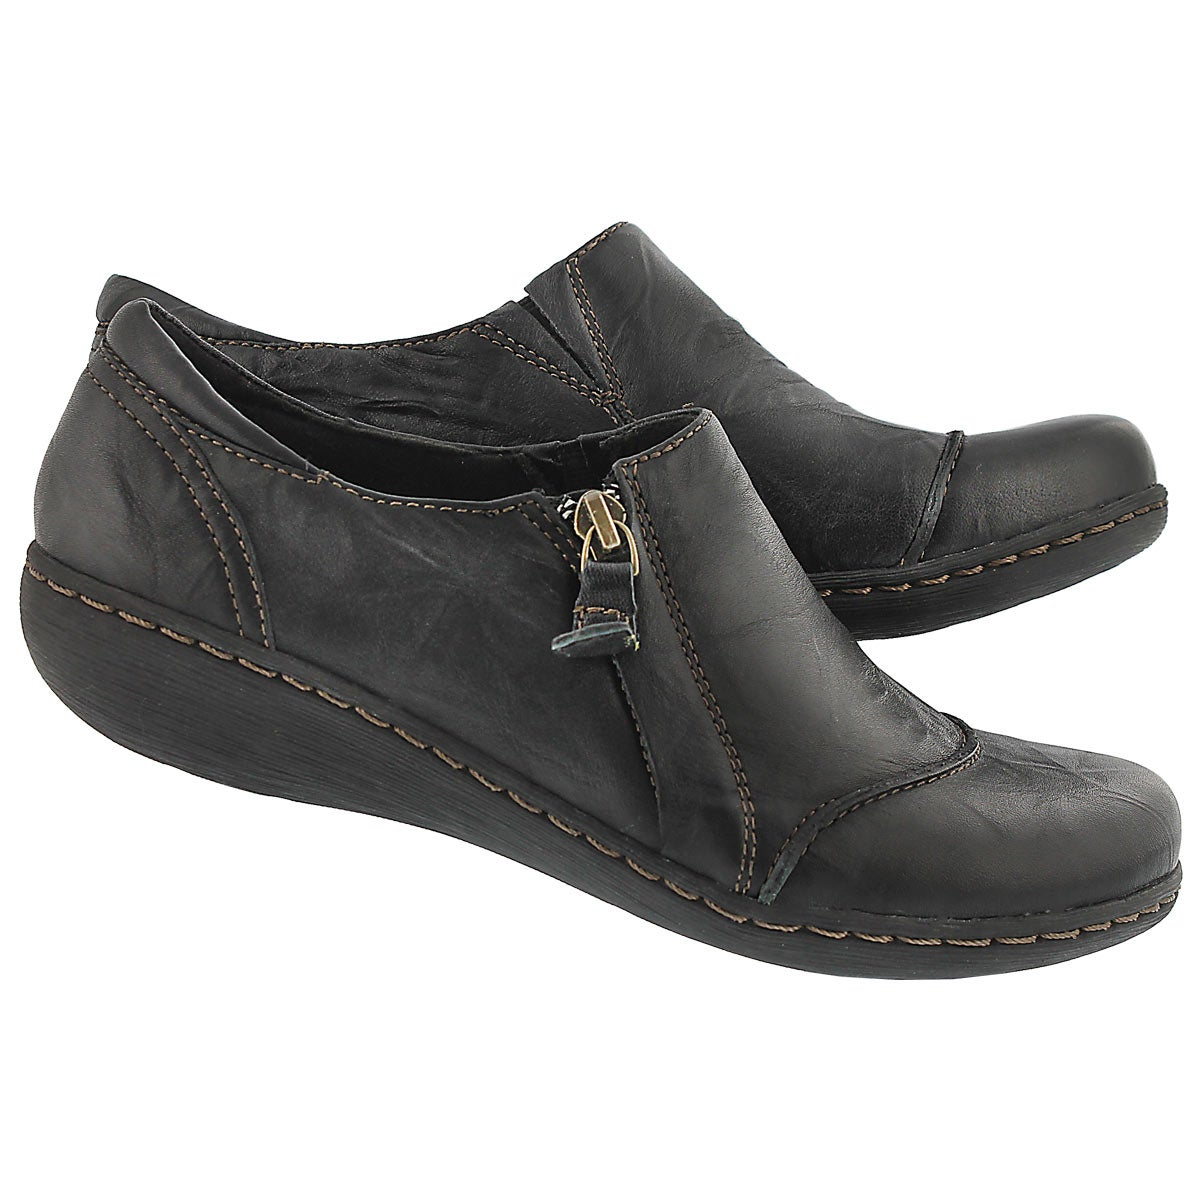 Lds Fianna Cleo black casual shoe